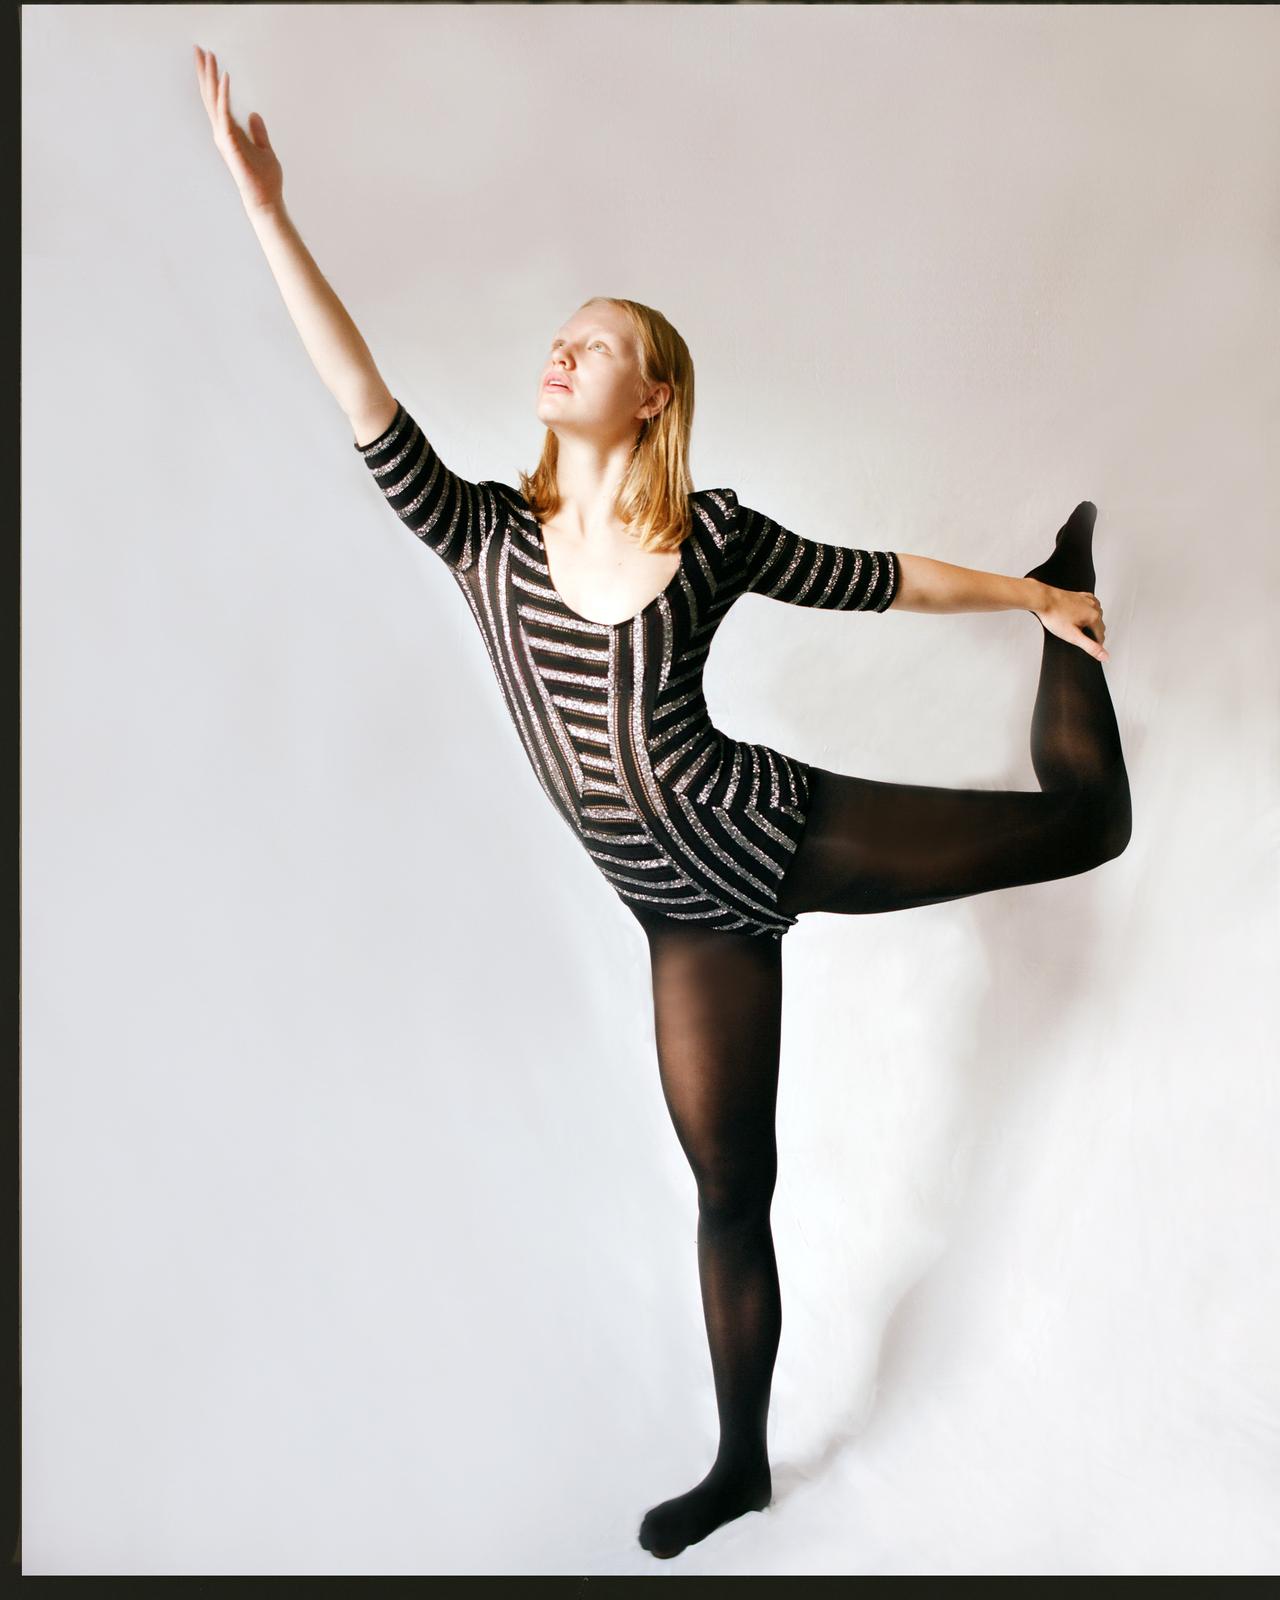 ROBYN: Dancer